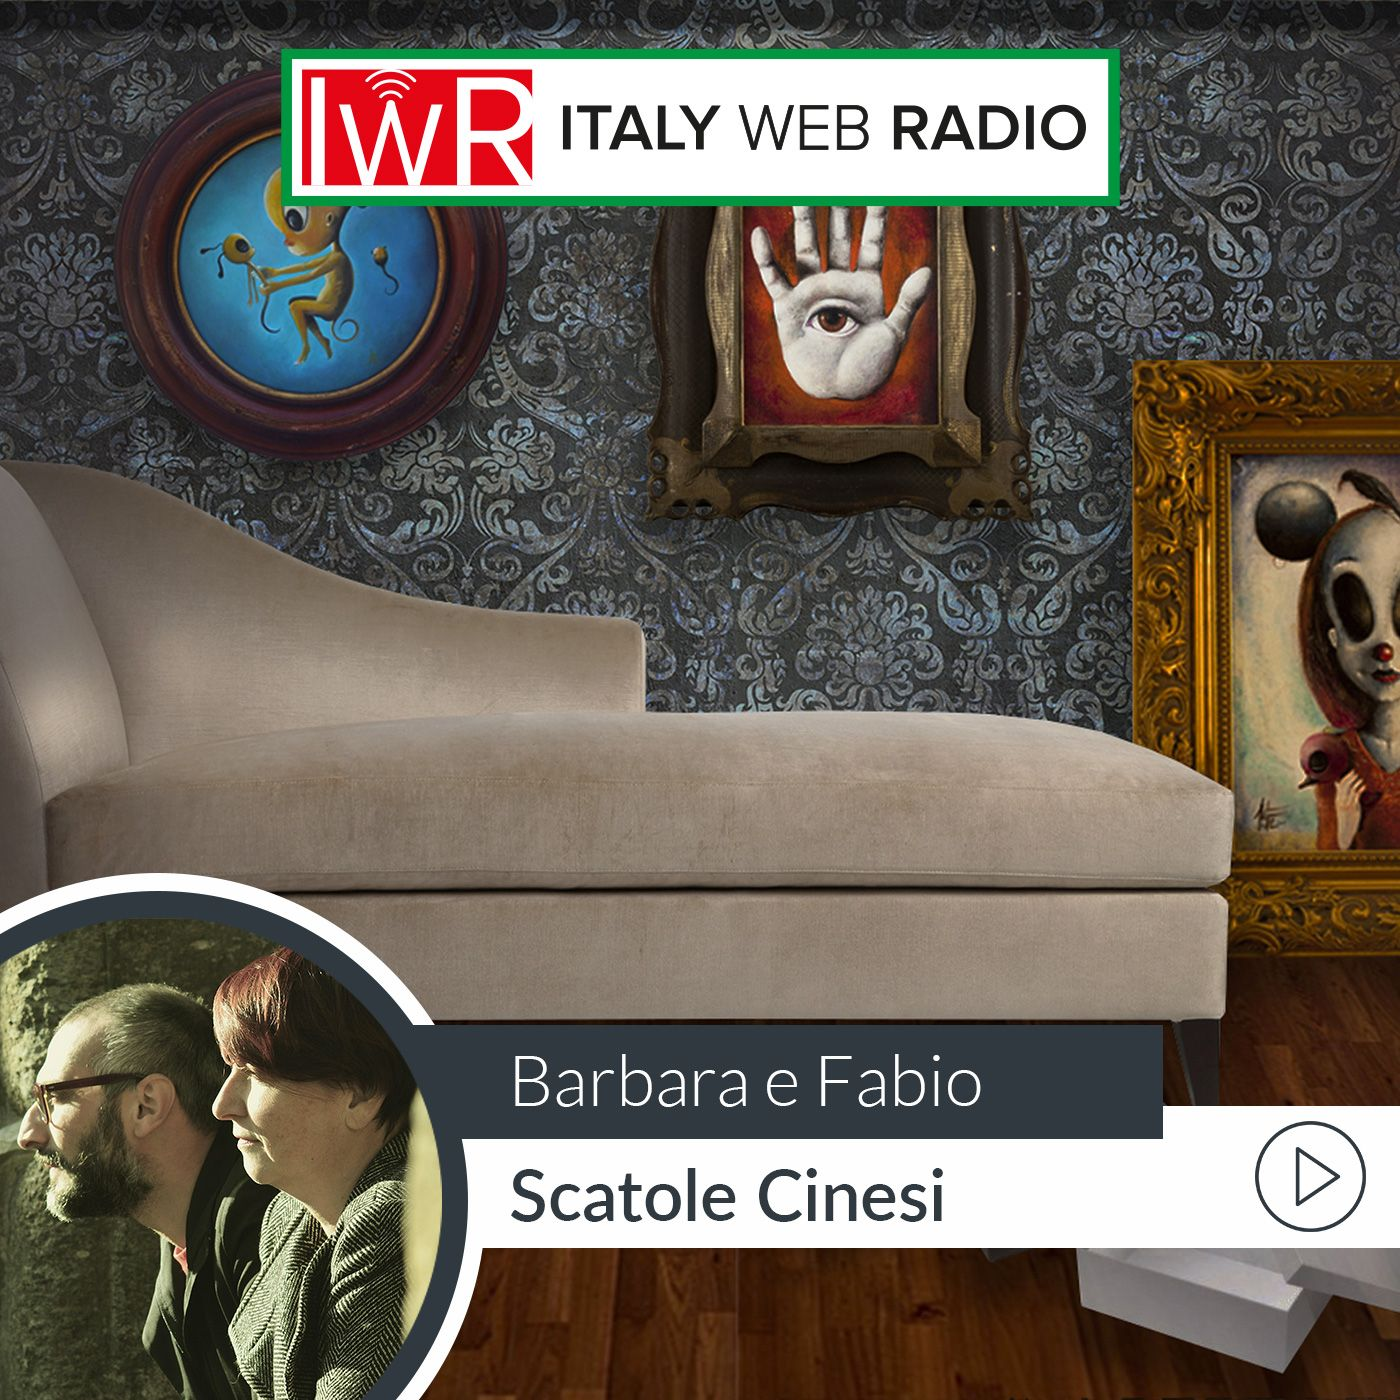 Scatole Cinesi con Barbara e Fabio